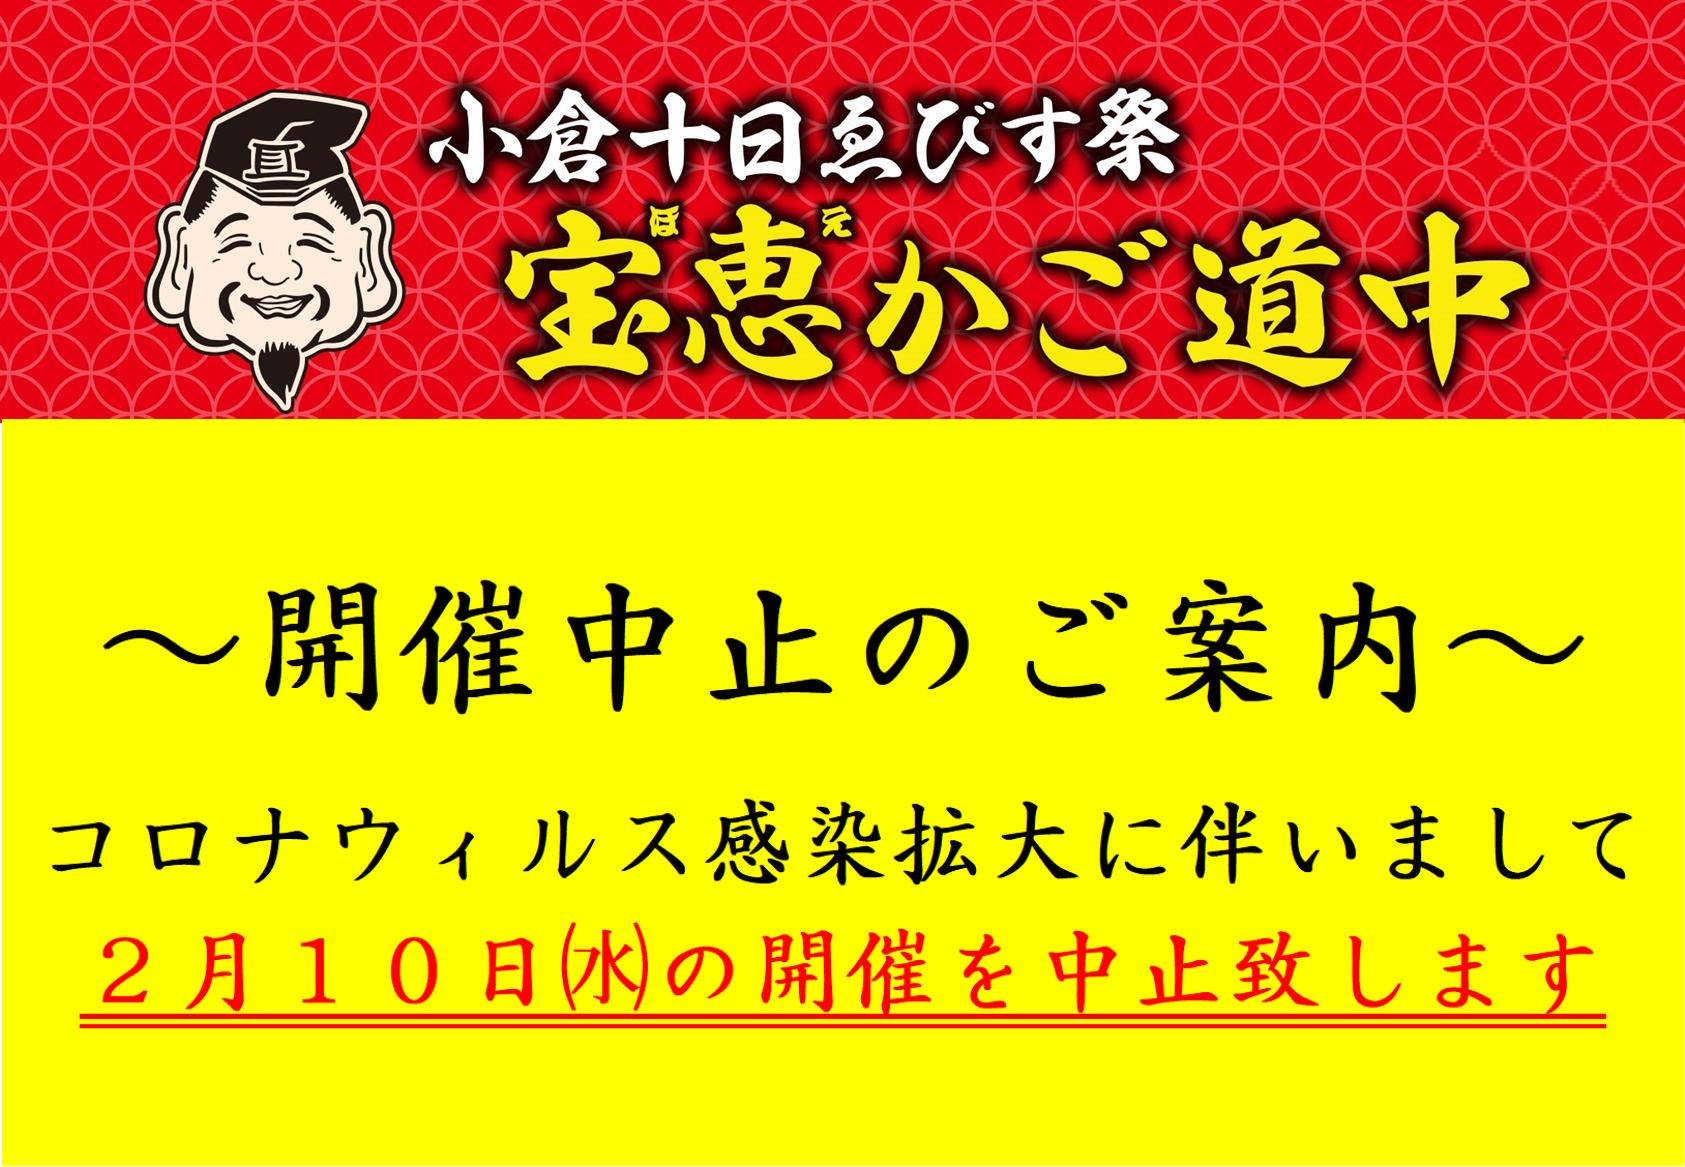 旦過市場・小倉十日ゑびす祭